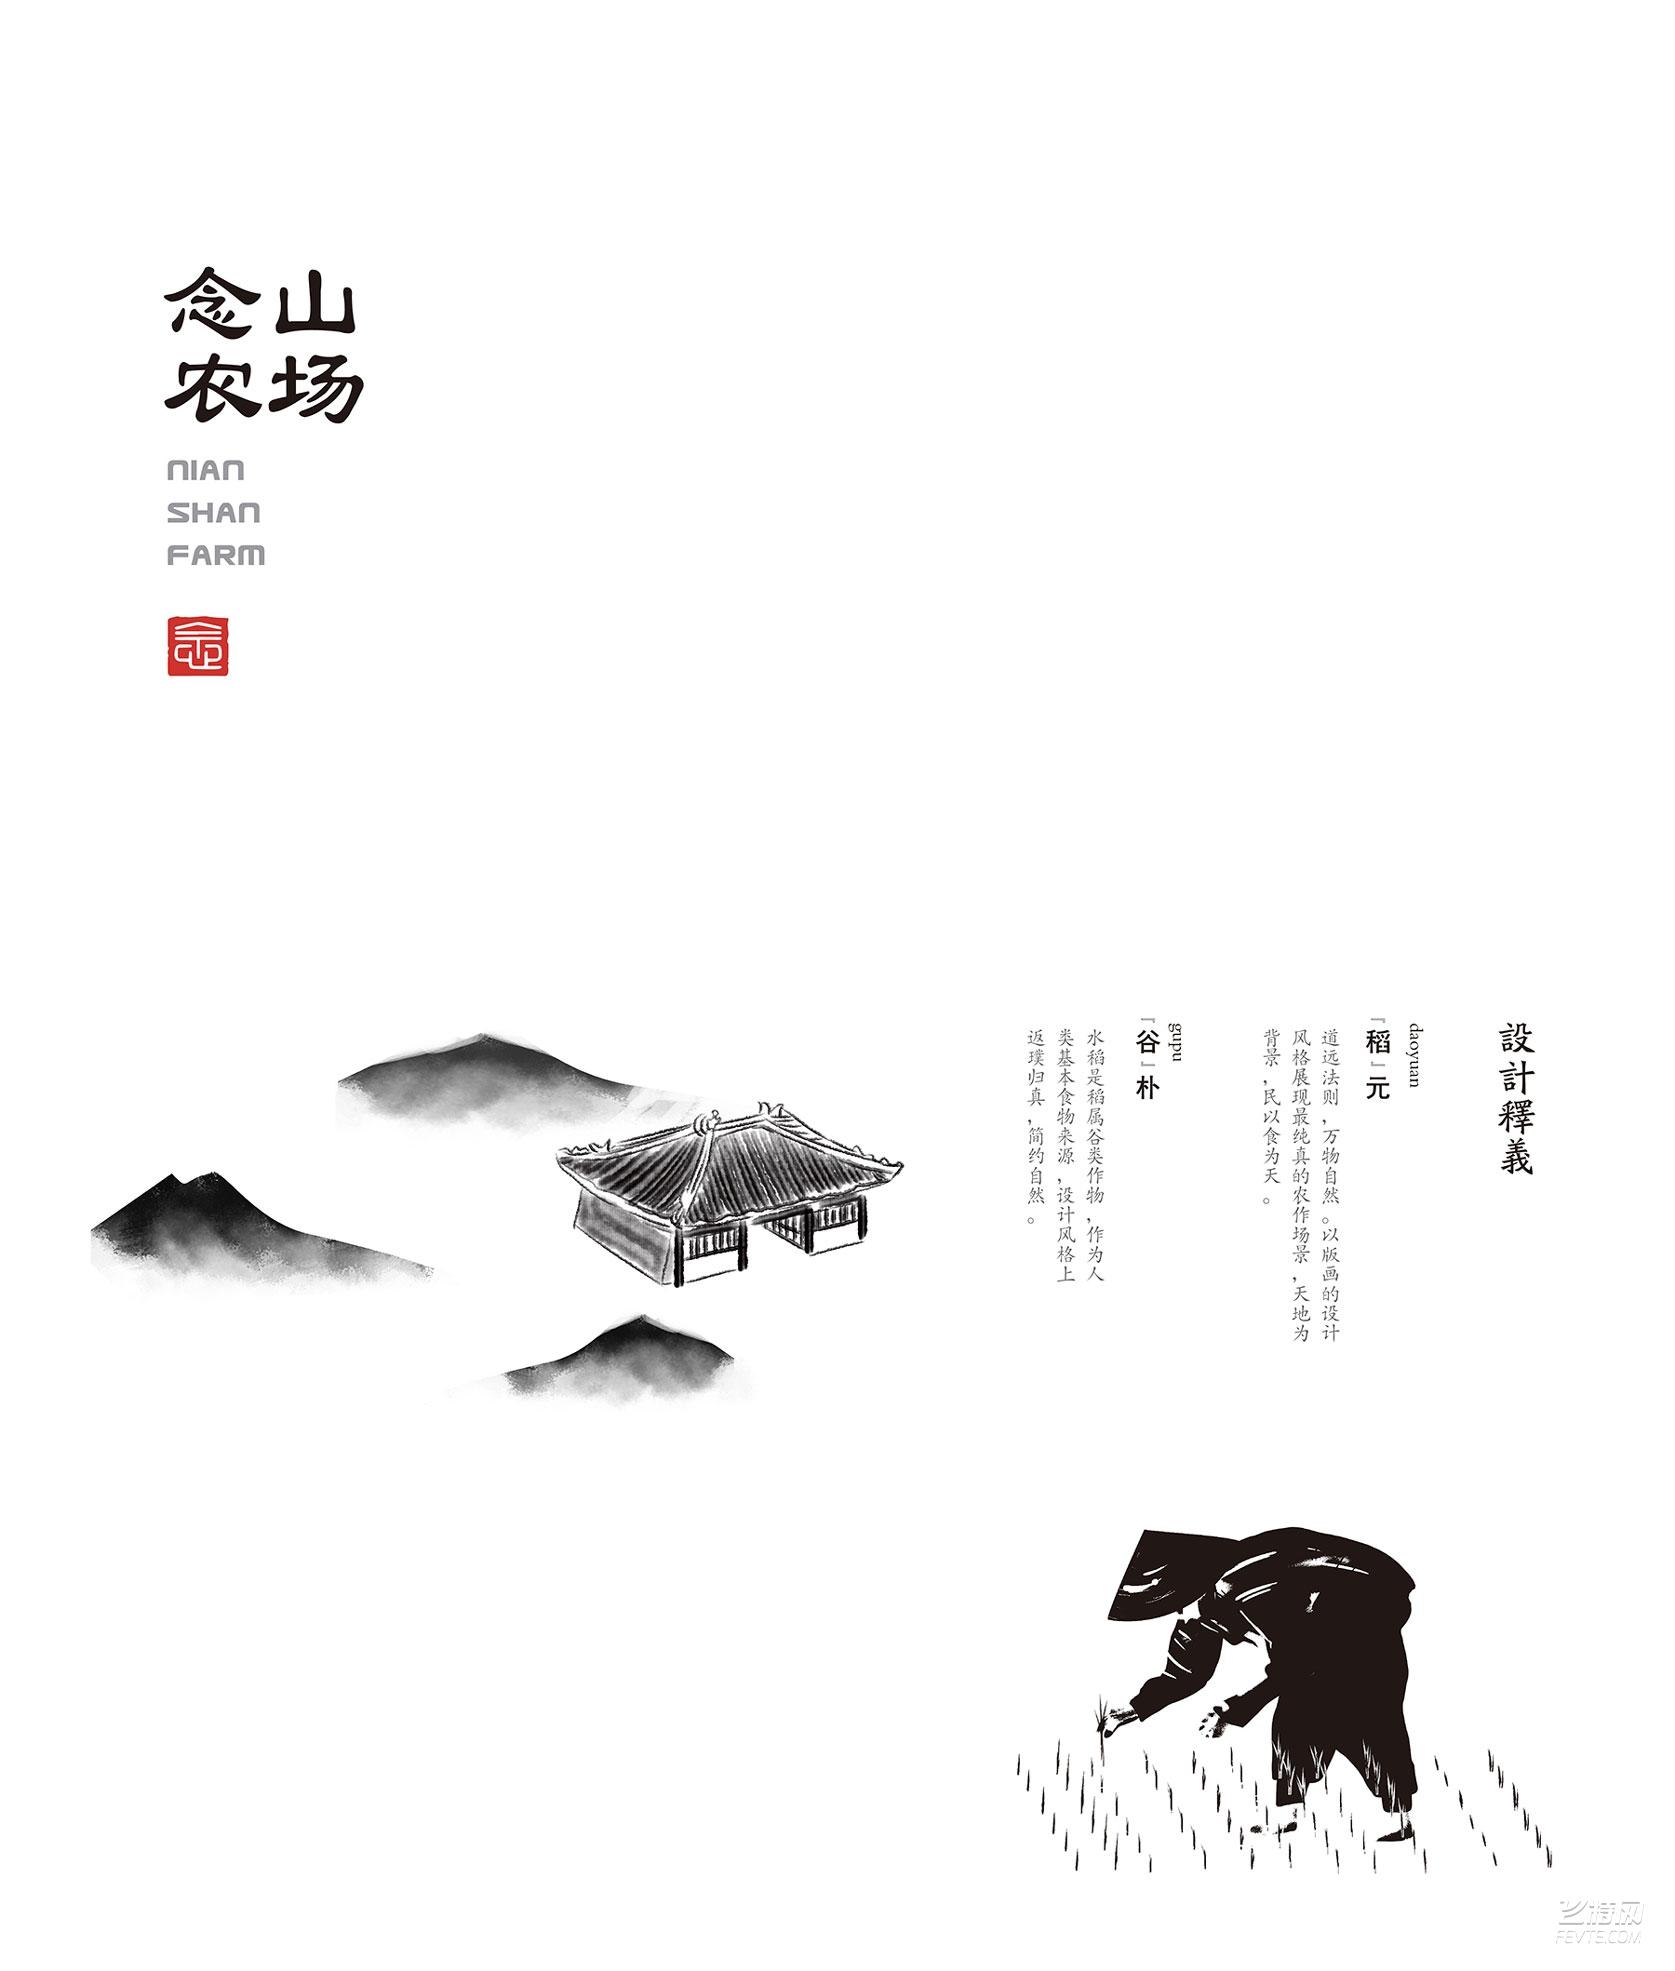 德信念山农场-生态米(图2)